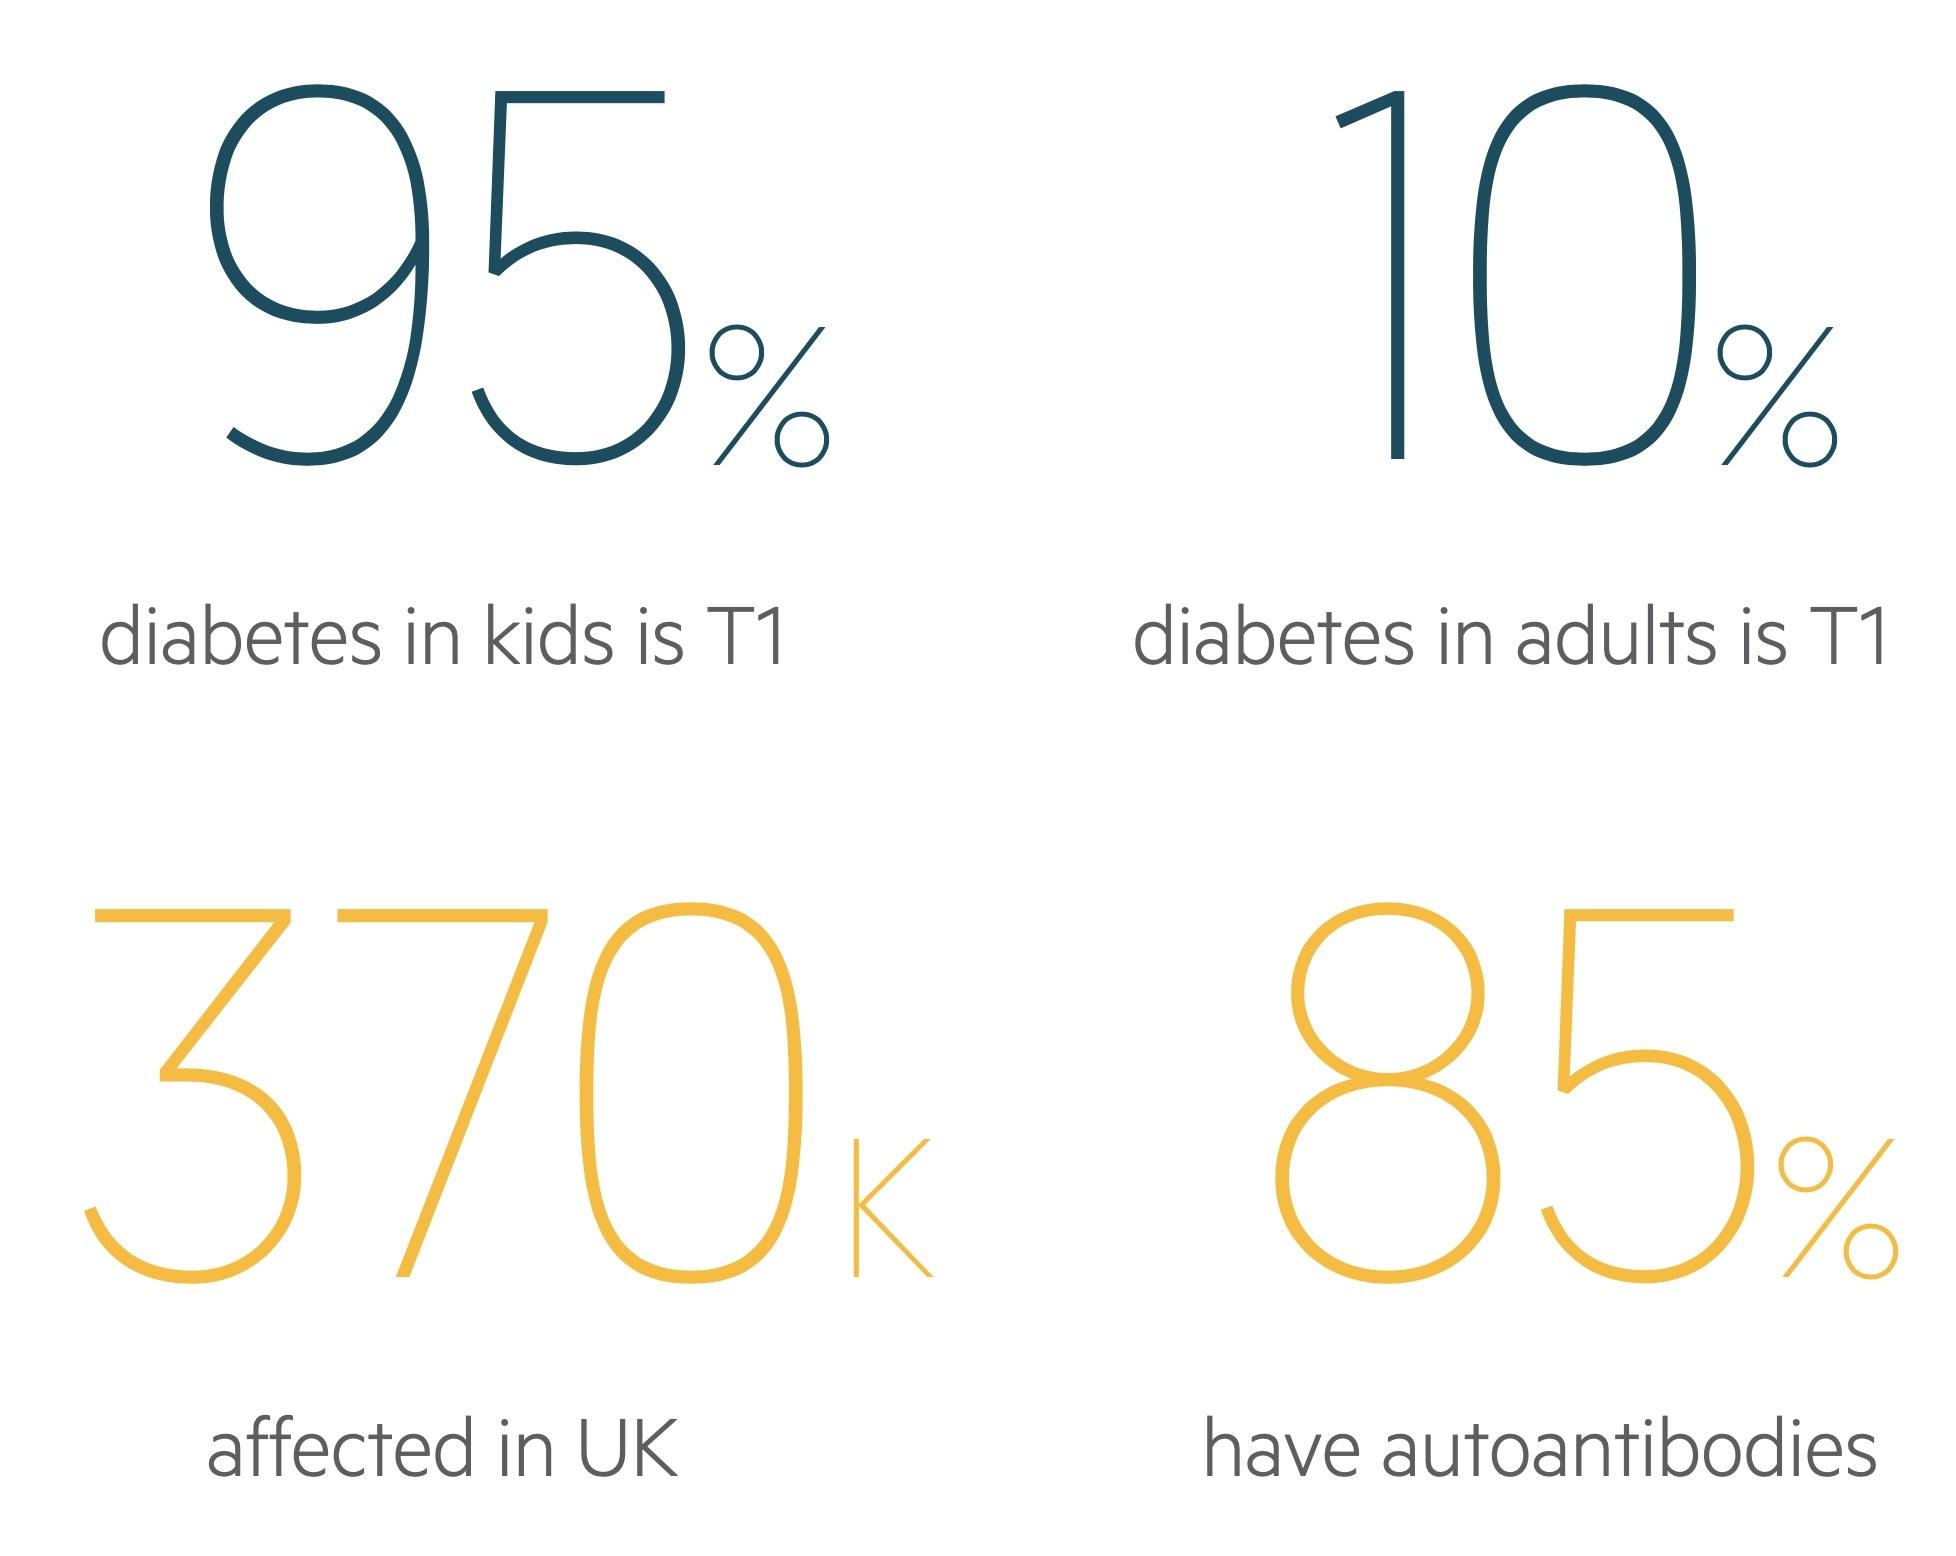 T1DM Statistics